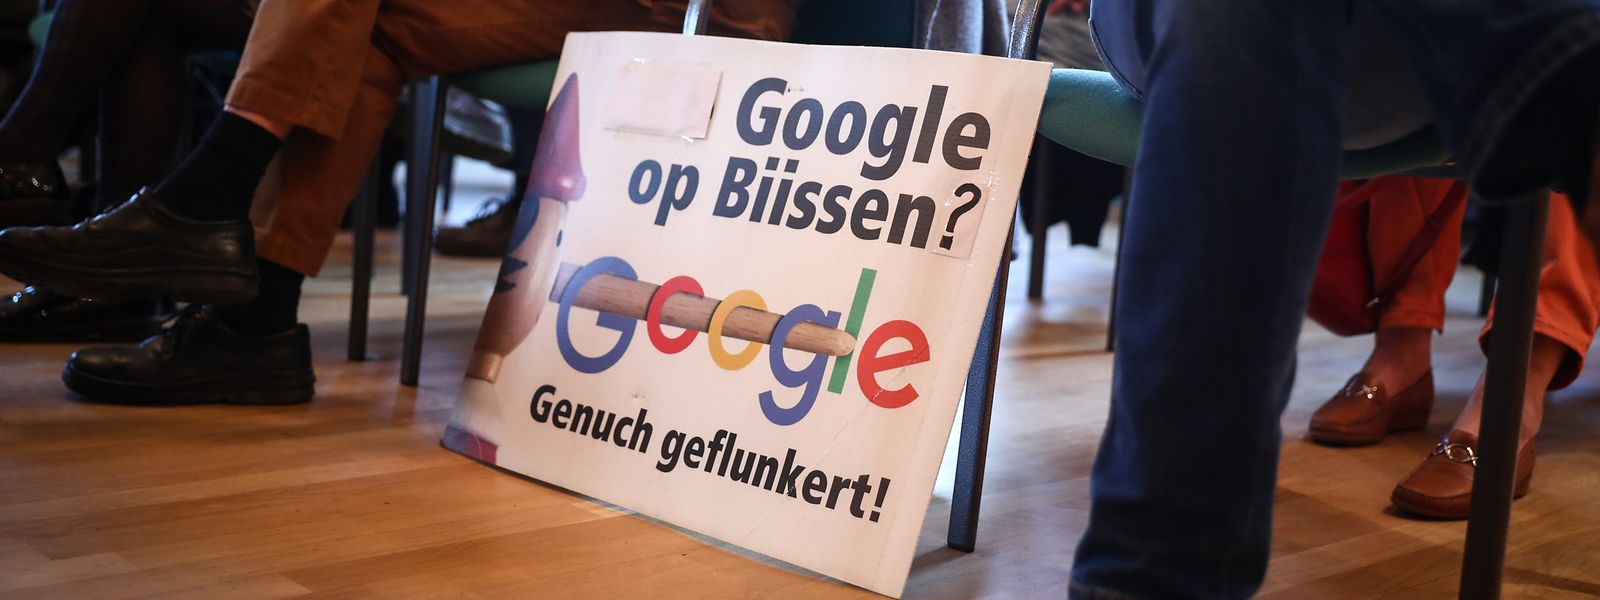 Rückschlag in Sachen Transparenz: Die Google-Absichtserklärung für den Bau eines Rechenzentrums in Bissen bleibt Verschlusssache.